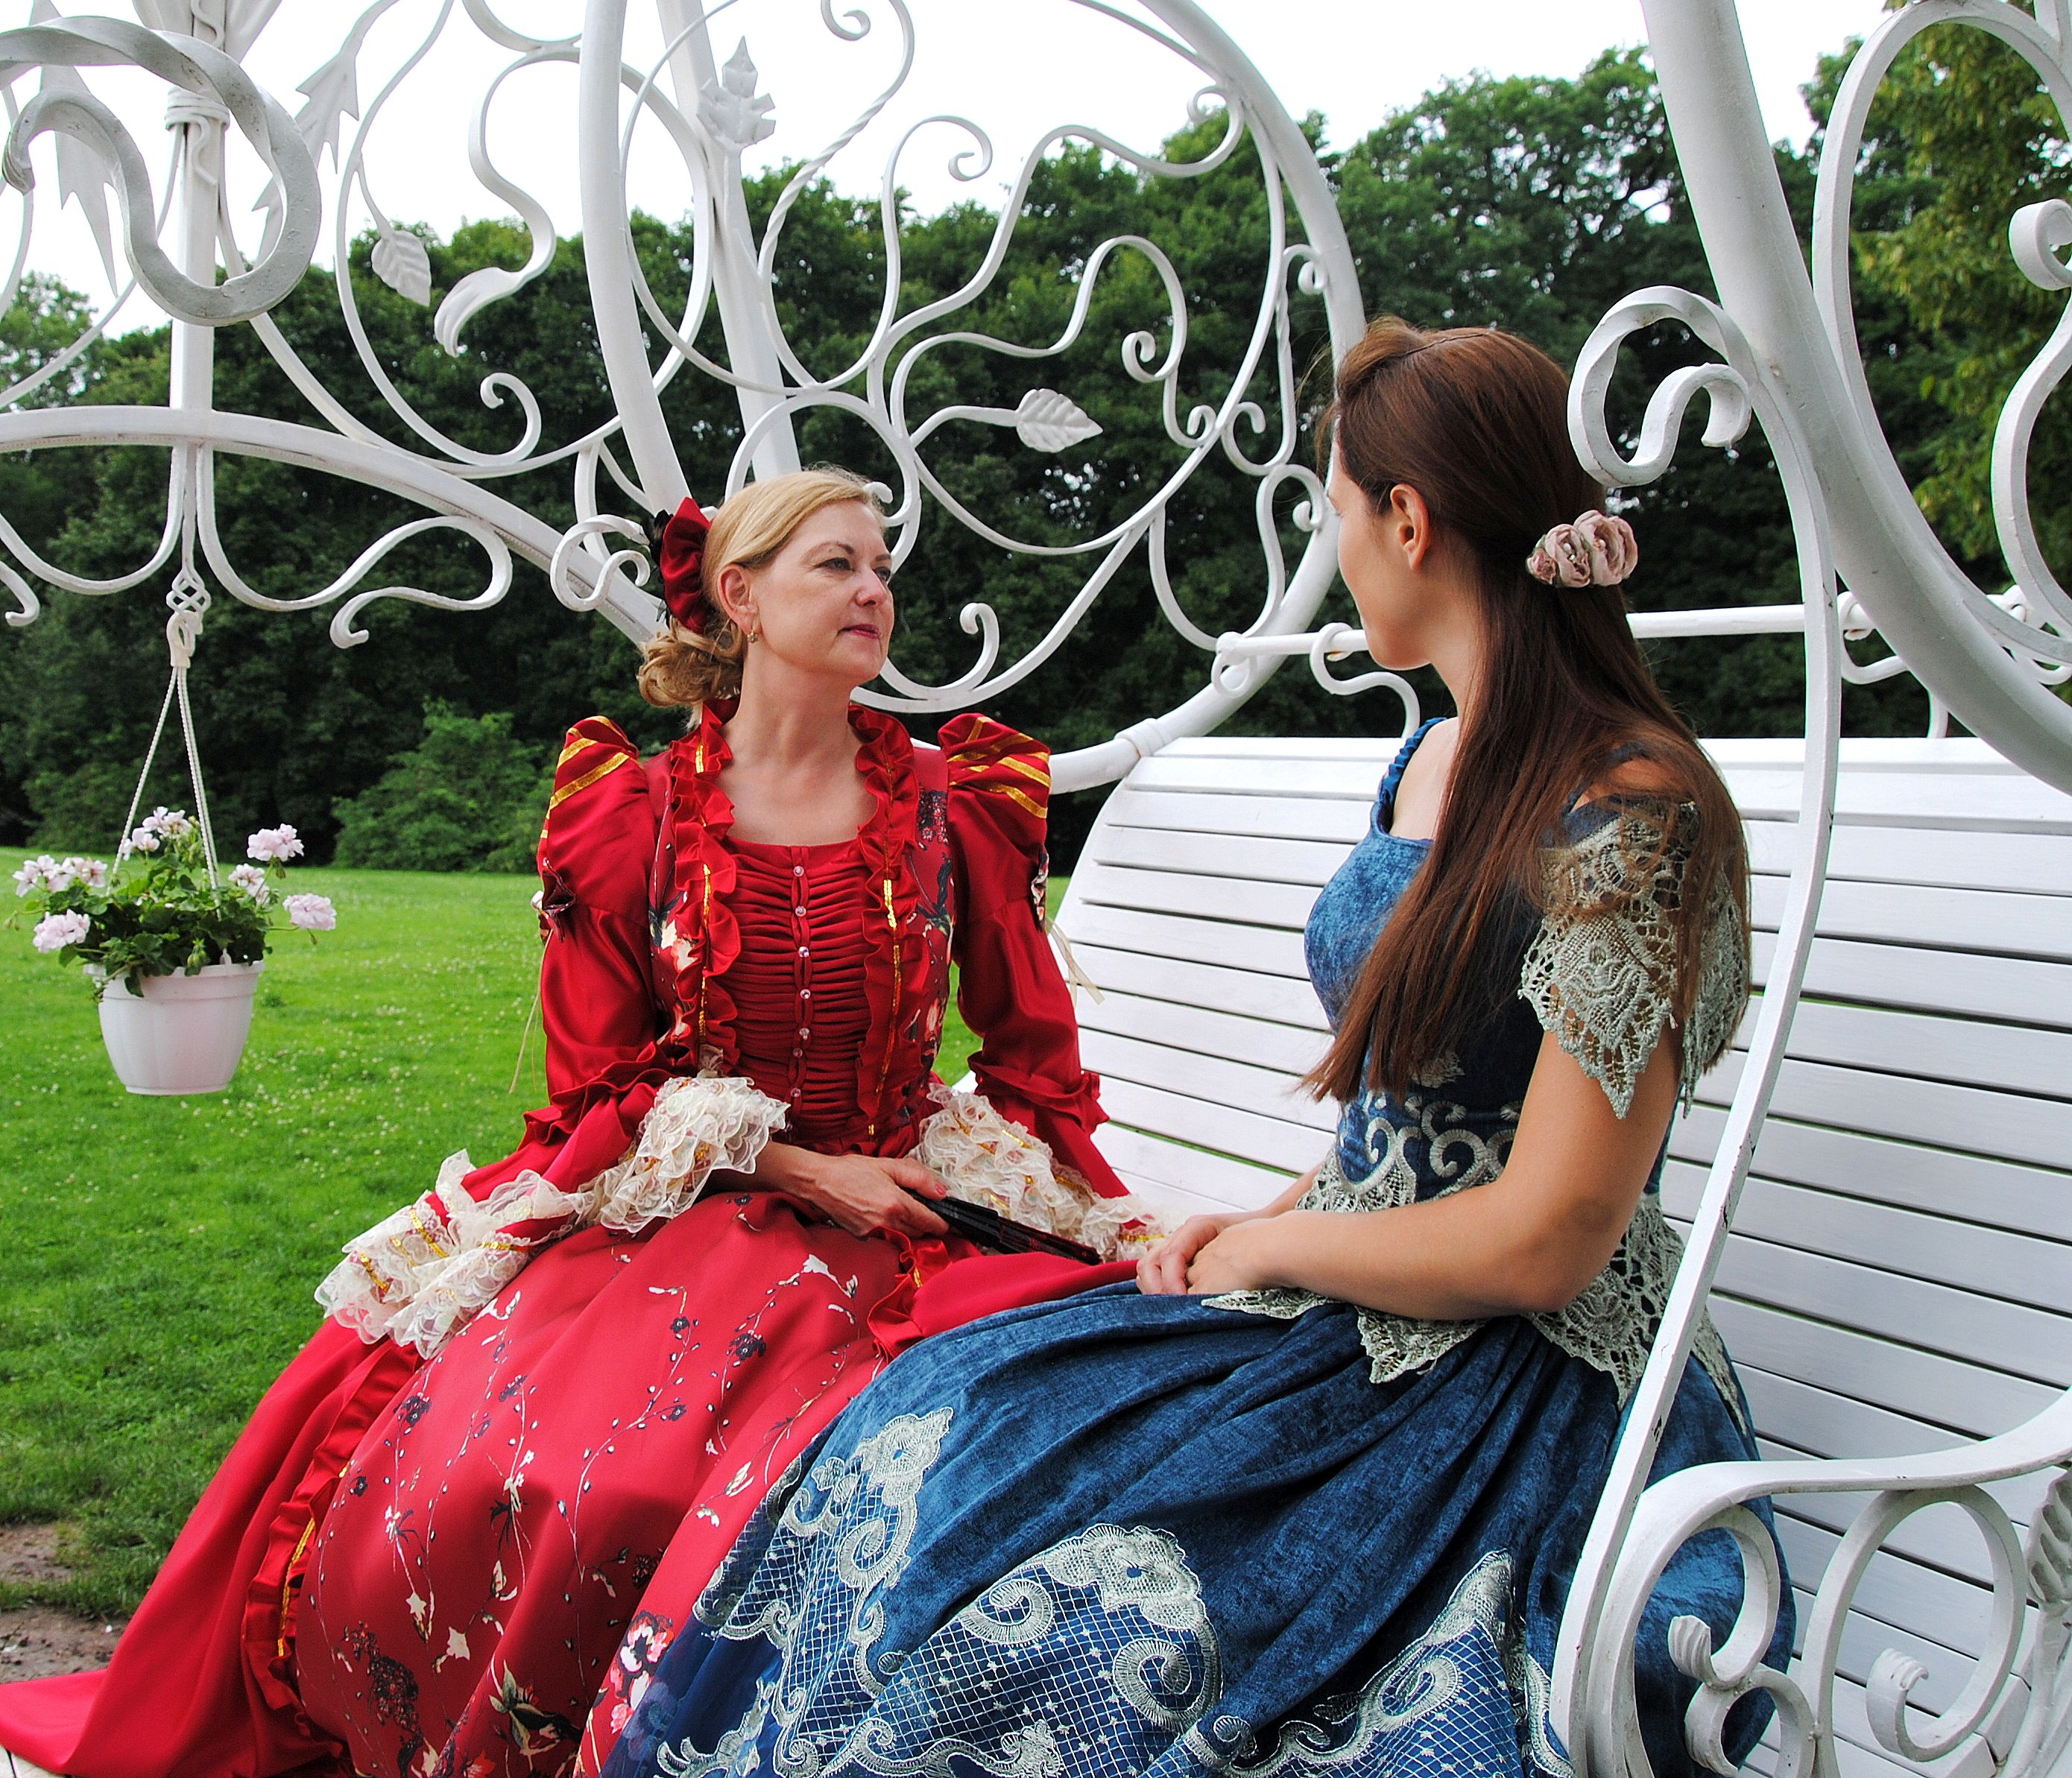 Spalvingi grafienės Rozalijos pasakojimai yra patraukus būdas perteikti turistams Raudondvario dvaro istoriją | Kauno rajono savivaldybės nuotr.